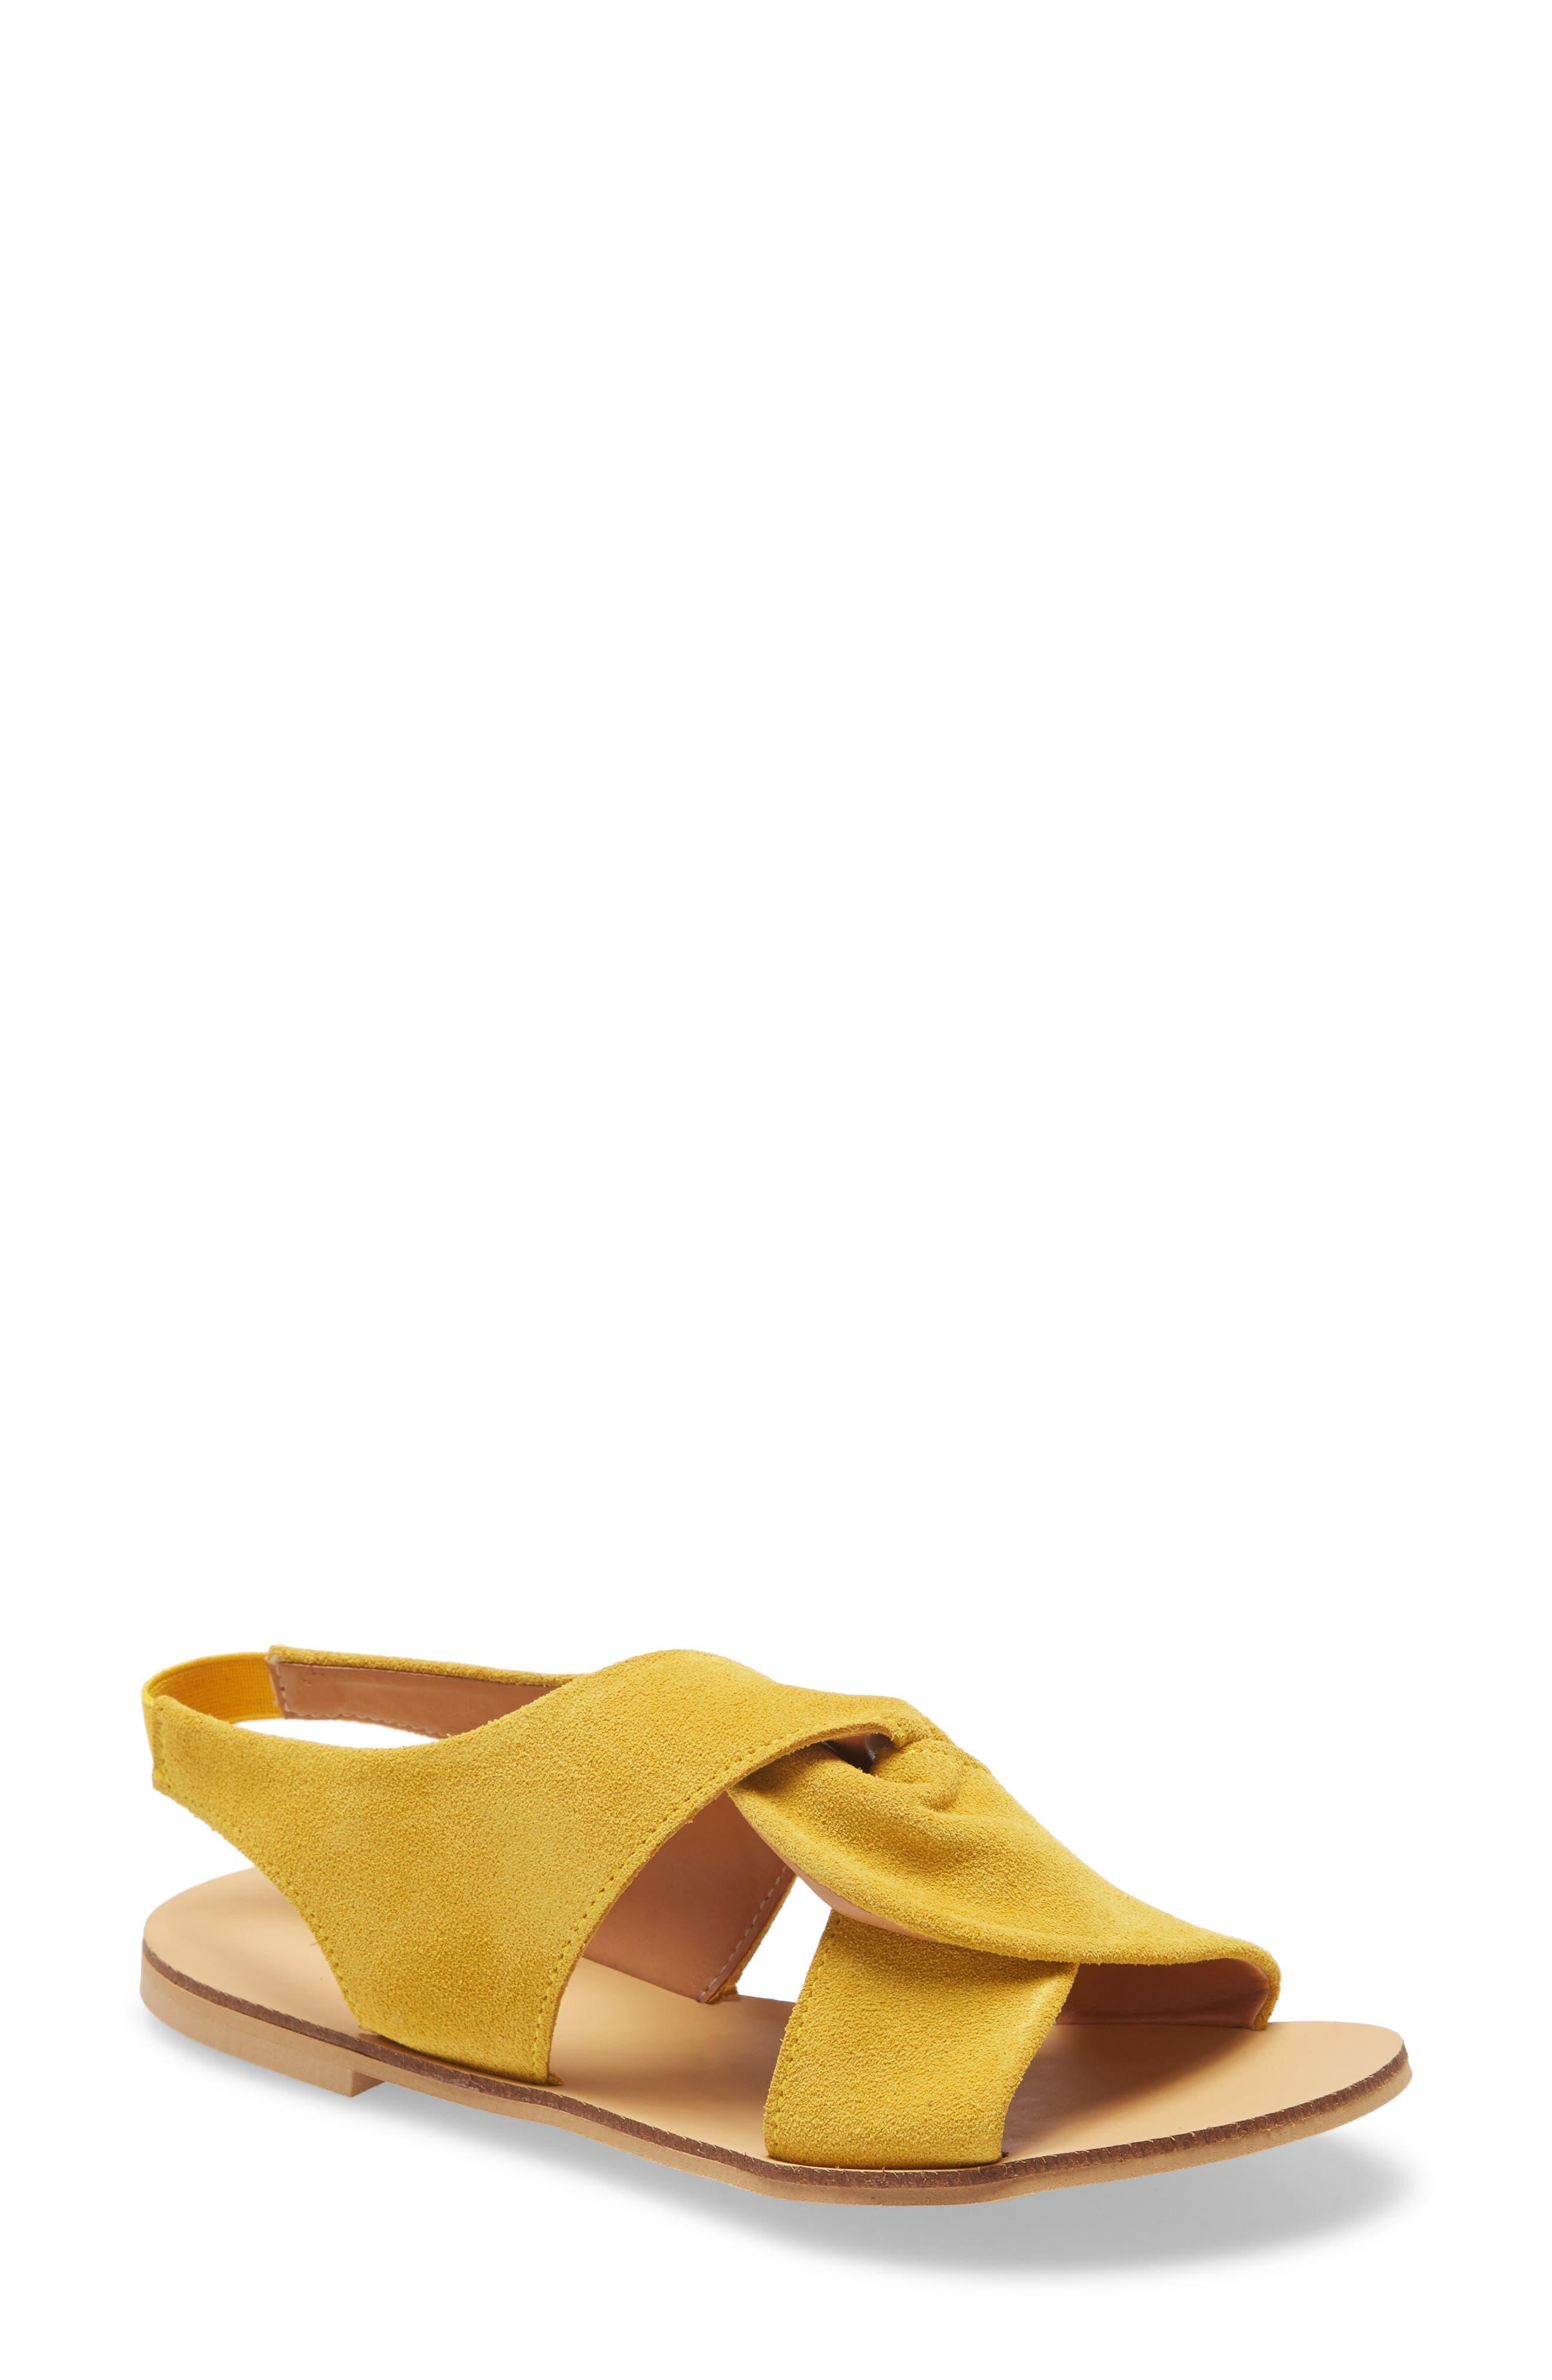 Jainne Twist Sandal